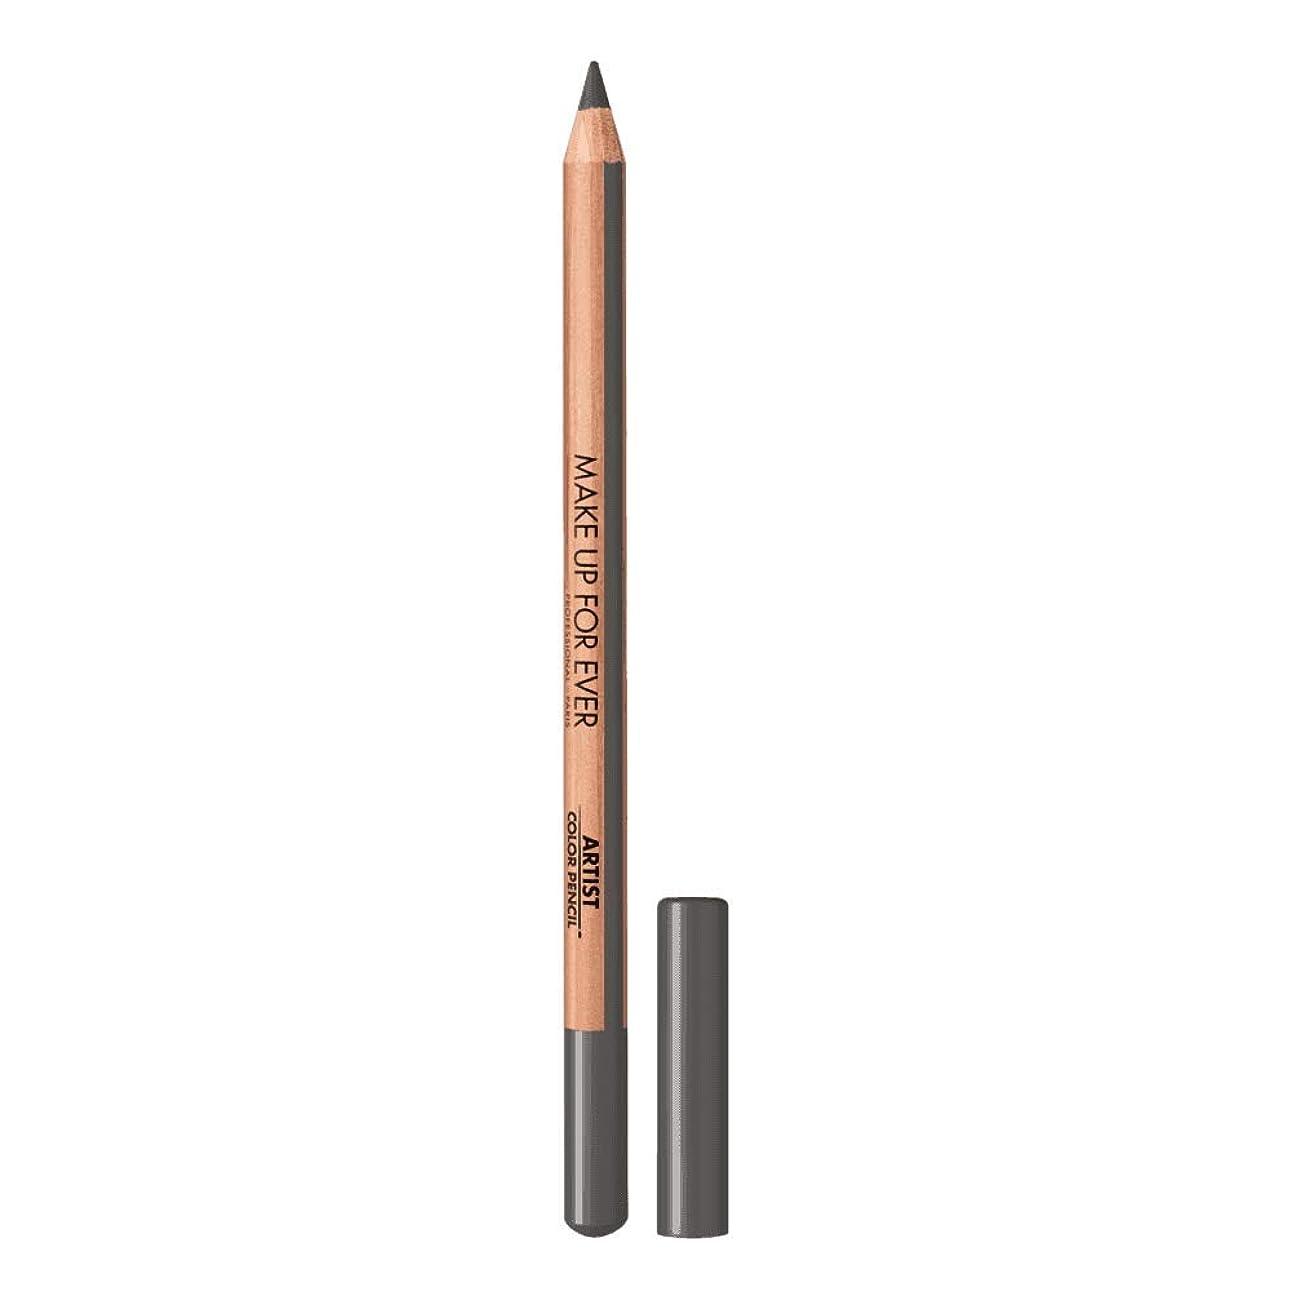 トレーダー是正するマウントバンクメイクアップフォーエバー Artist Color Pencil - # 102 All Over Grey 1.41g/0.04oz並行輸入品